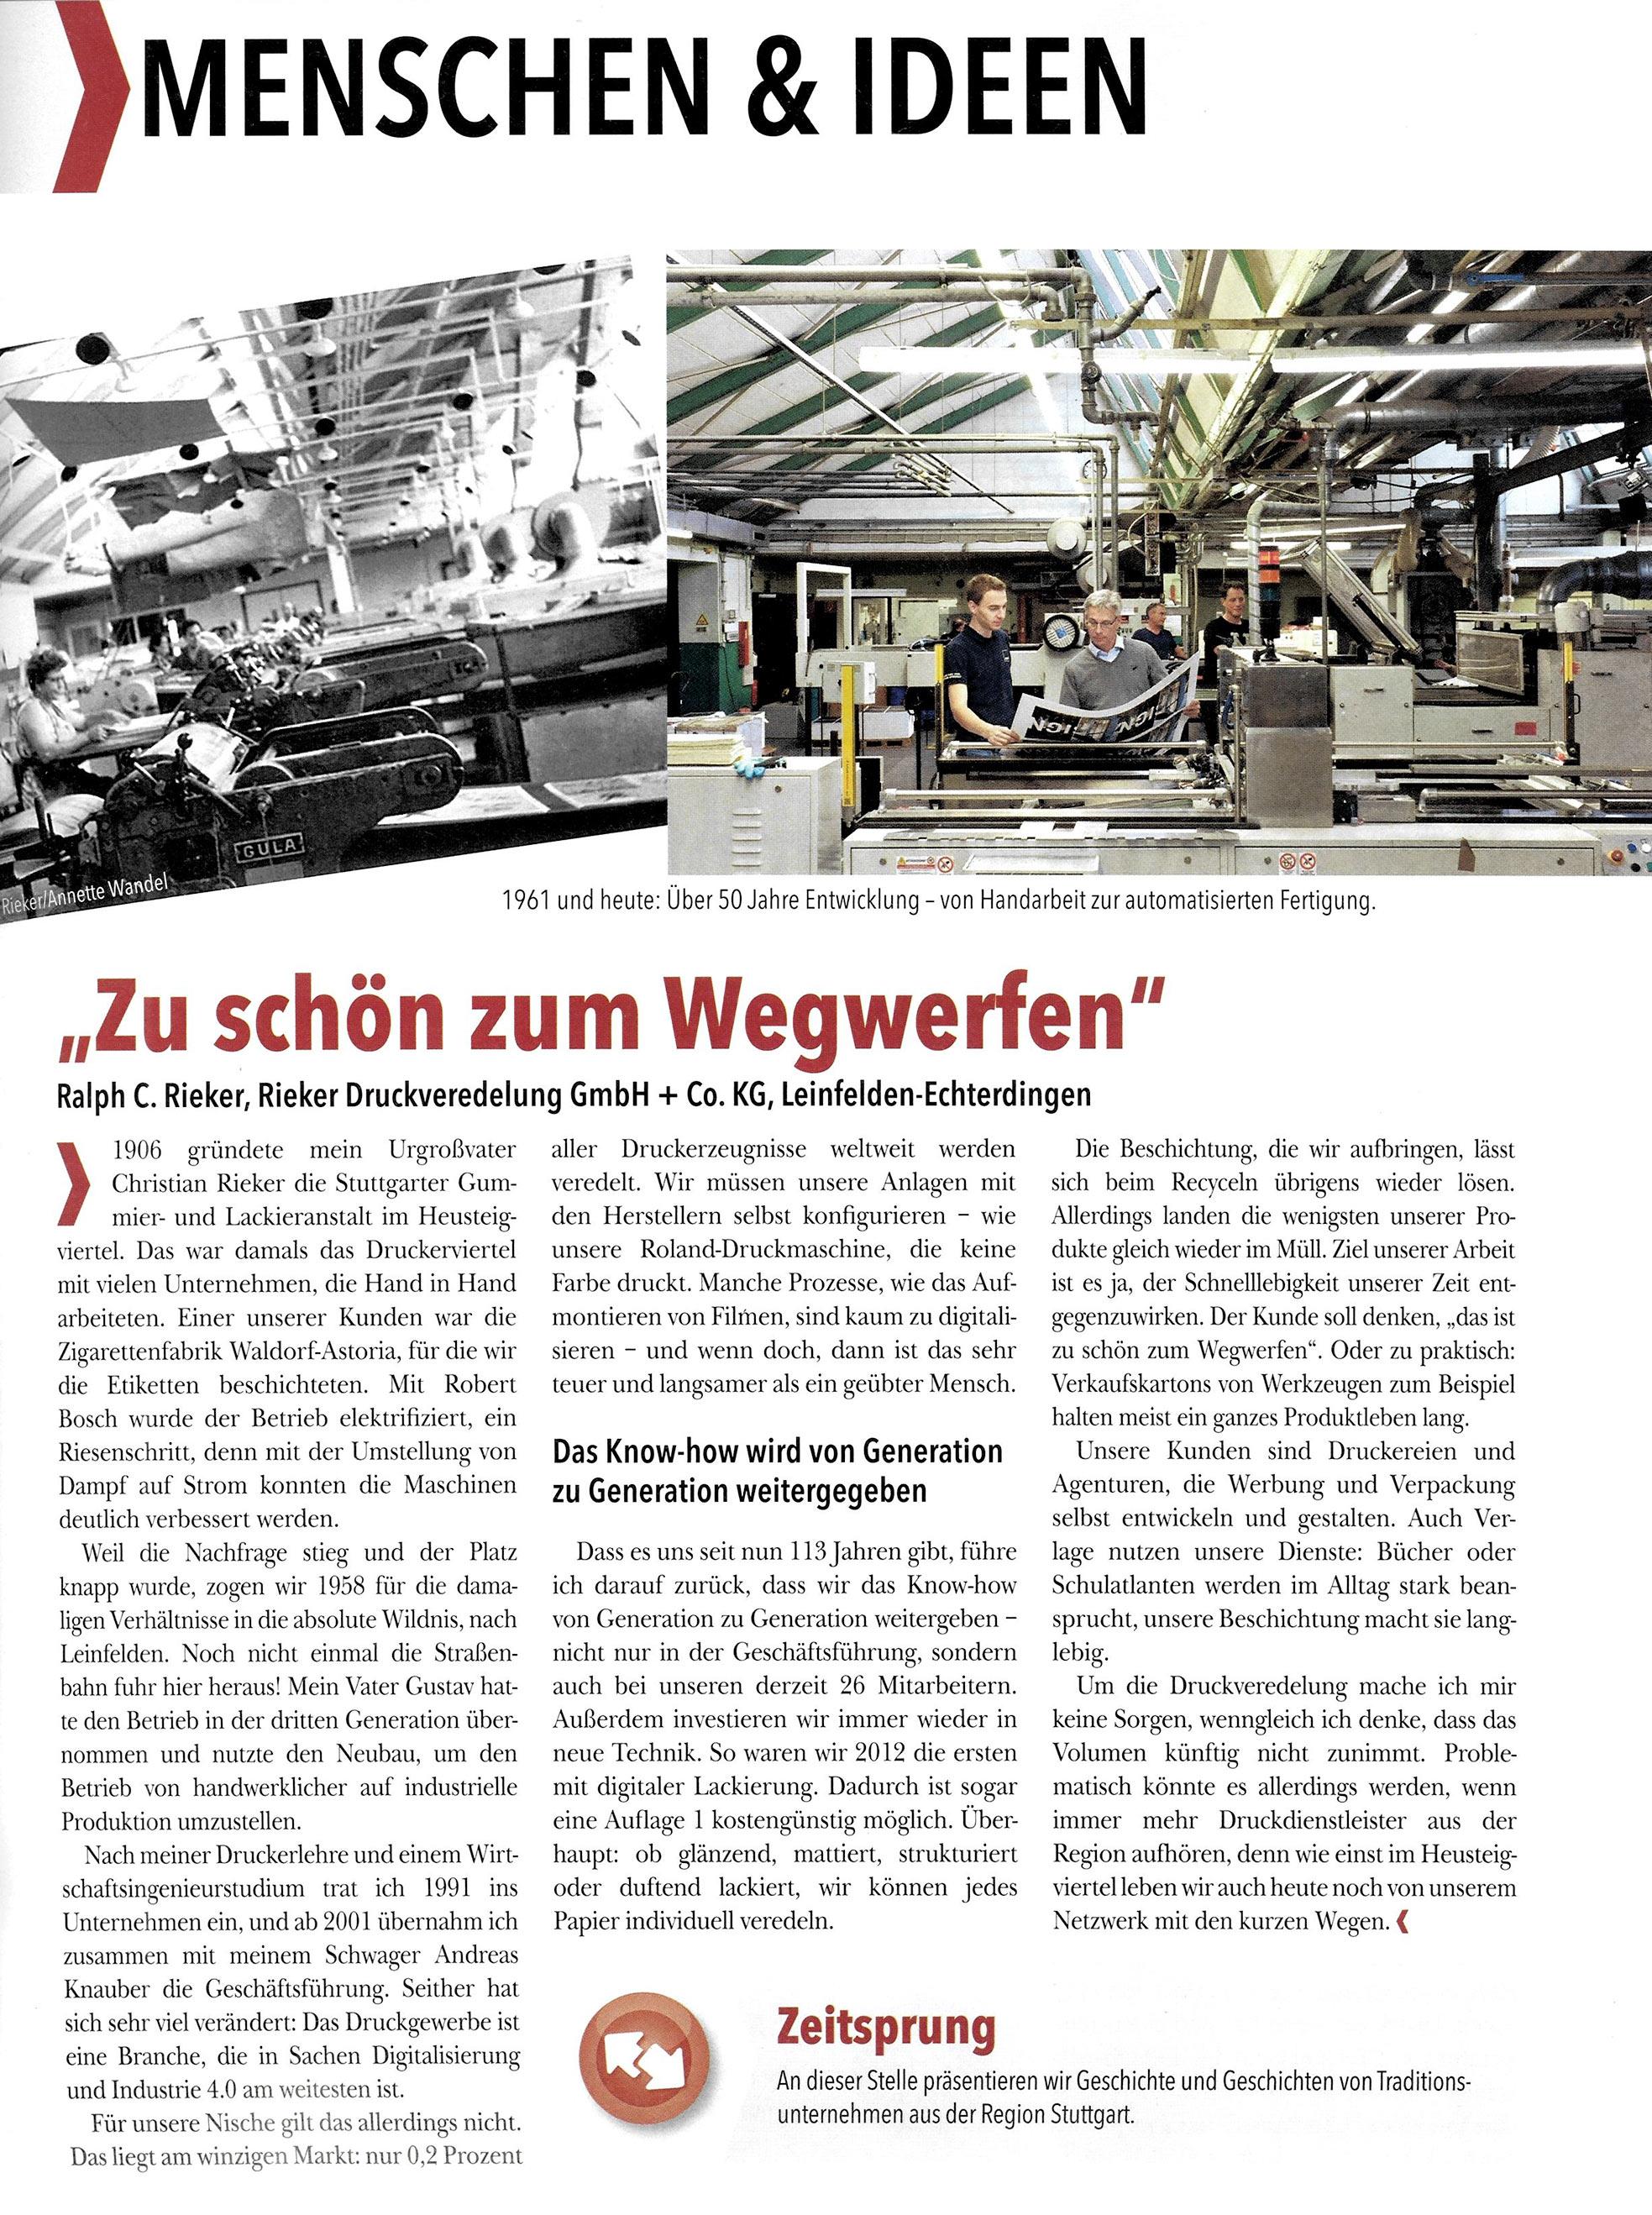 professionelle Website Schatz als seltenes Gut Qualität zuerst Zu schön zum Wegwerfen | RIEKER Druckveredelung Leinfelden ...